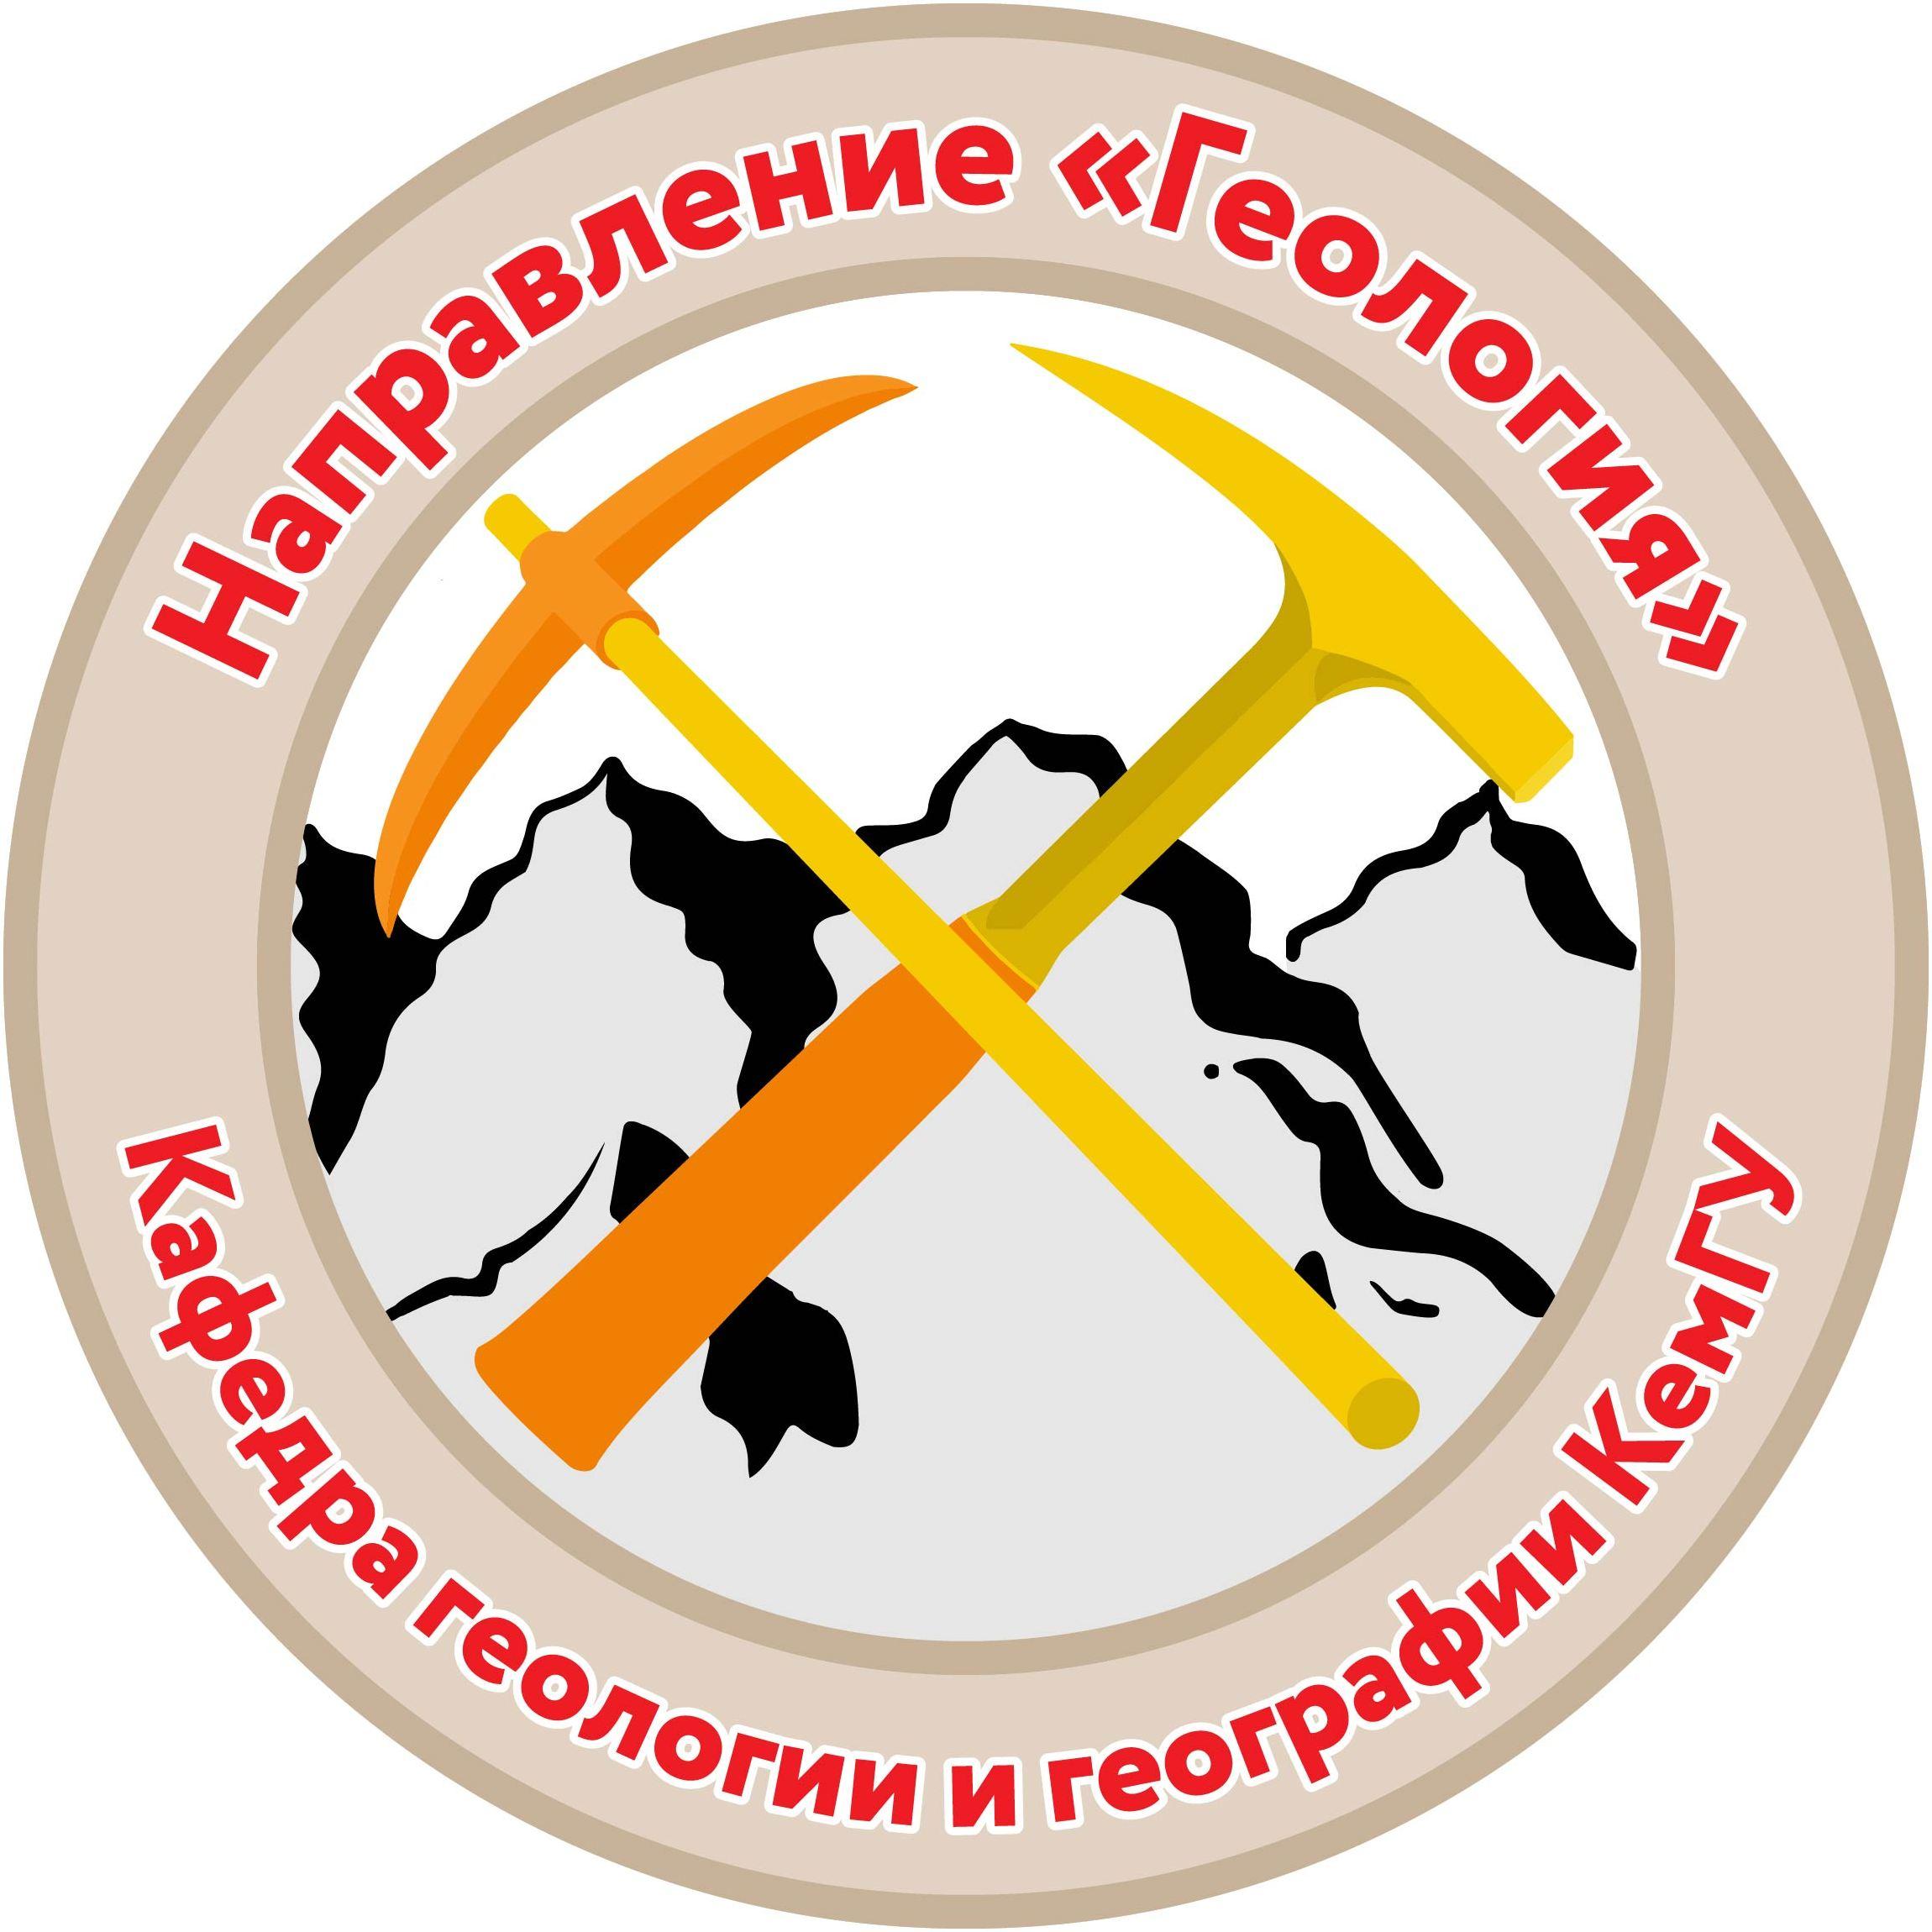 http://kem-geo.ru/?page_id=8